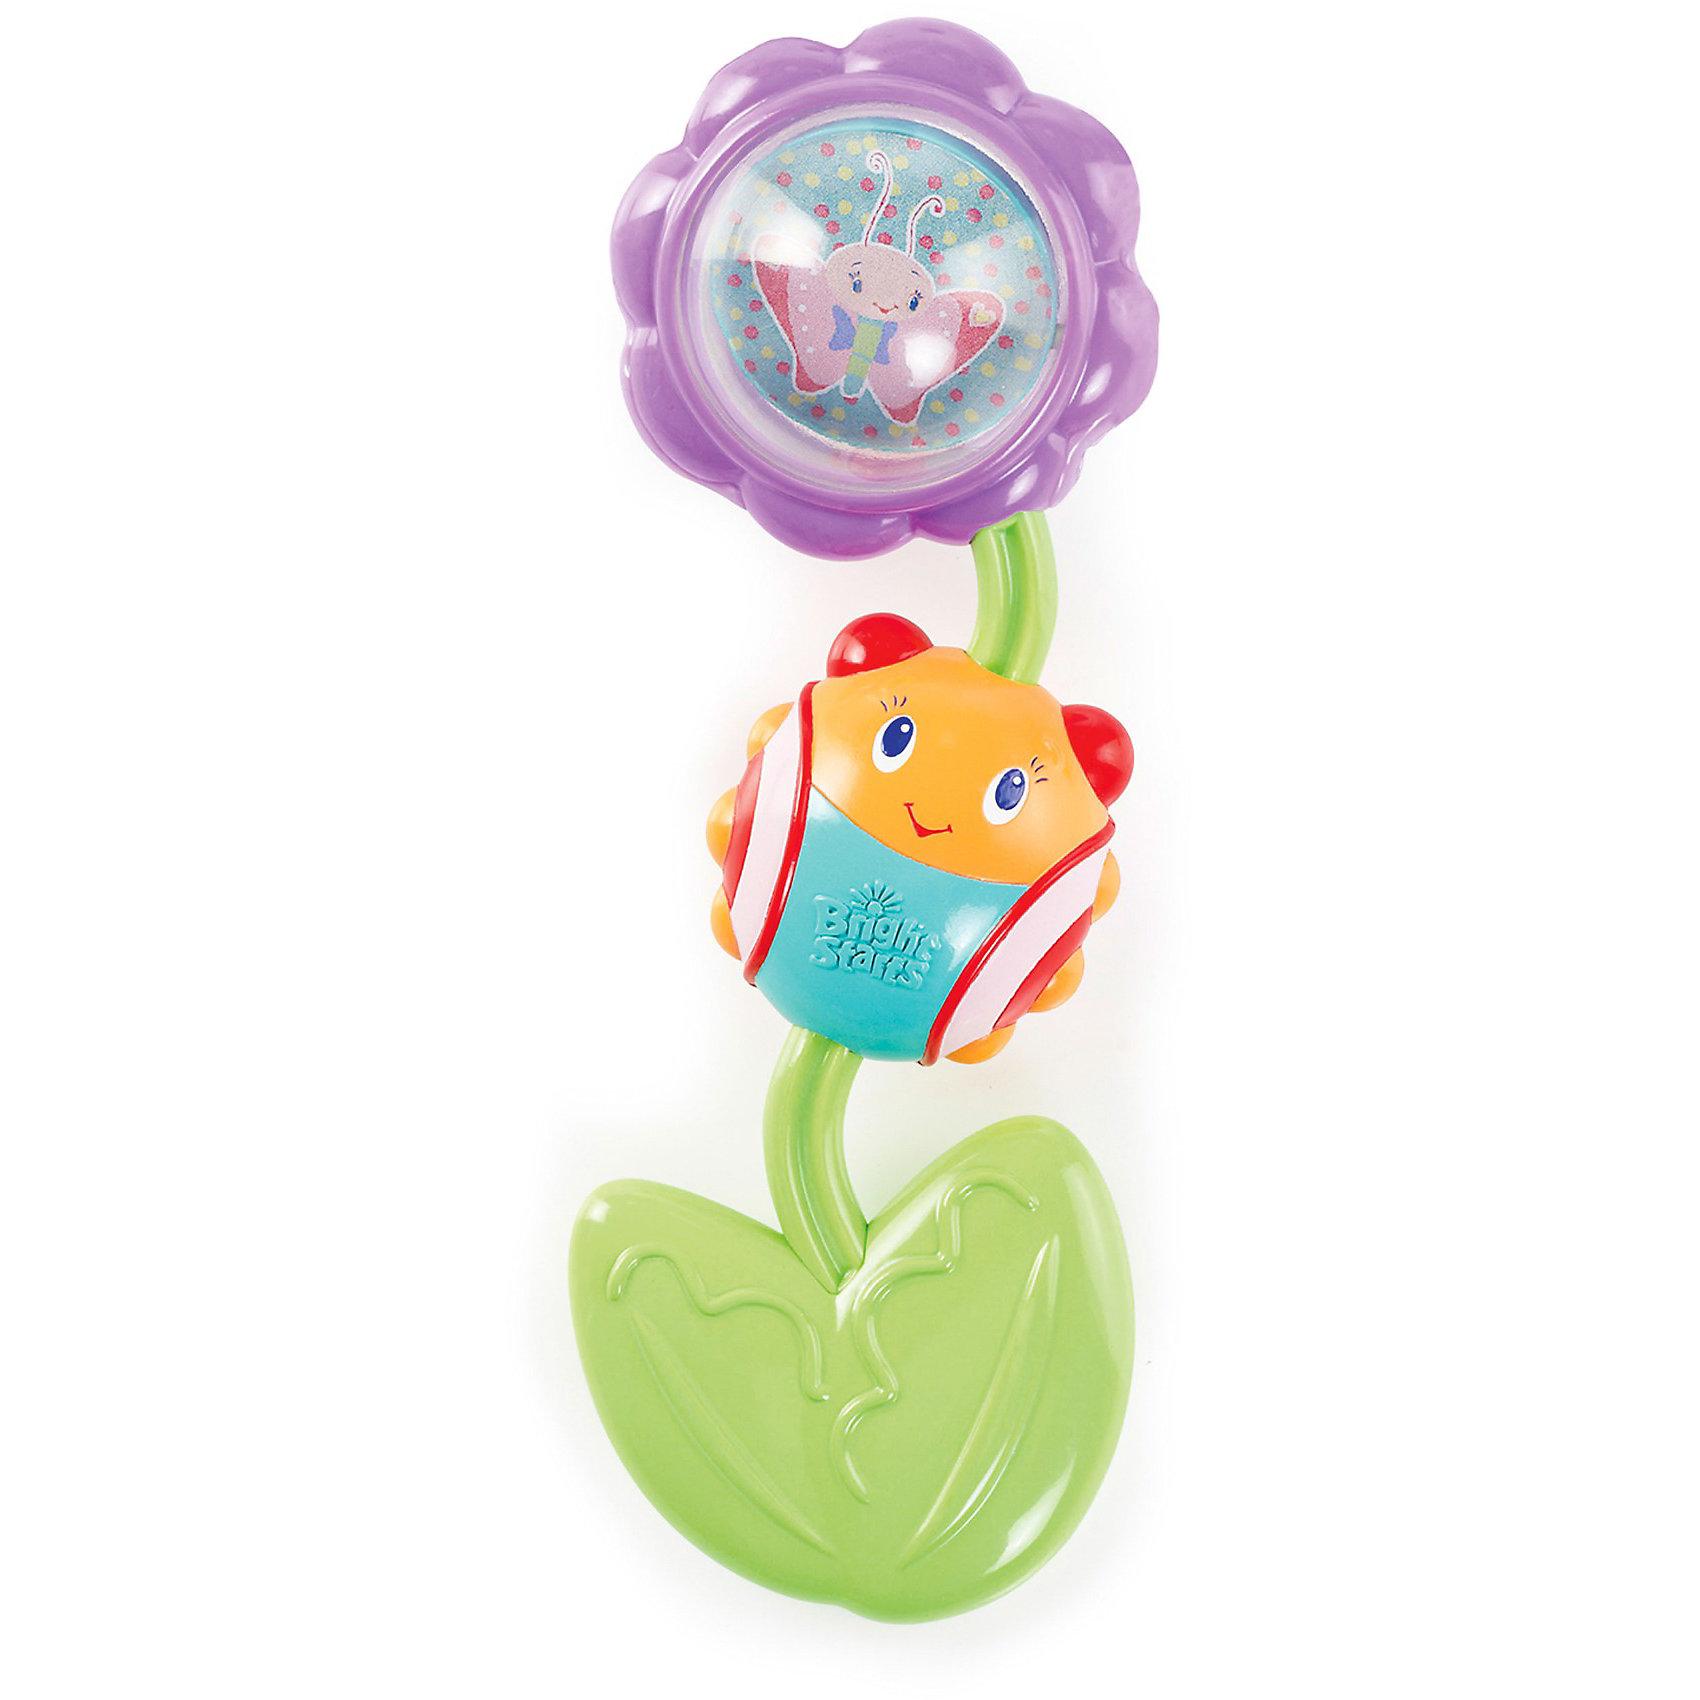 Прорезыватель Божья коровка на цветочке, Bright StartsПрорезыватели<br>Развивающая игрушка-прорезыватель Божья коровка на цветочке предназначена для детей от рождения. Цветочек и листочек вращаются и издают щелкающие звуки.<br>Рельефный мягкий листочек успокоит десны малыша. Покрутите шарик внутри цветочка, чтобы увидеть зеркало и милых персонажей. Легко держать маленькими ручками.<br><br>Дополнительная информация:<br><br> - материал: пластик <br> - размеры игрушки: 11х4 х 17 см.<br> - размеры упаковки: 12х4 х19 см.<br><br>Прорезыватель Божья коровка на цветочке можно купить в нашем интернет магазине.<br><br>Ширина мм: 120<br>Глубина мм: 210<br>Высота мм: 40<br>Вес г: 137<br>Возраст от месяцев: 4<br>Возраст до месяцев: 36<br>Пол: Унисекс<br>Возраст: Детский<br>SKU: 3345335